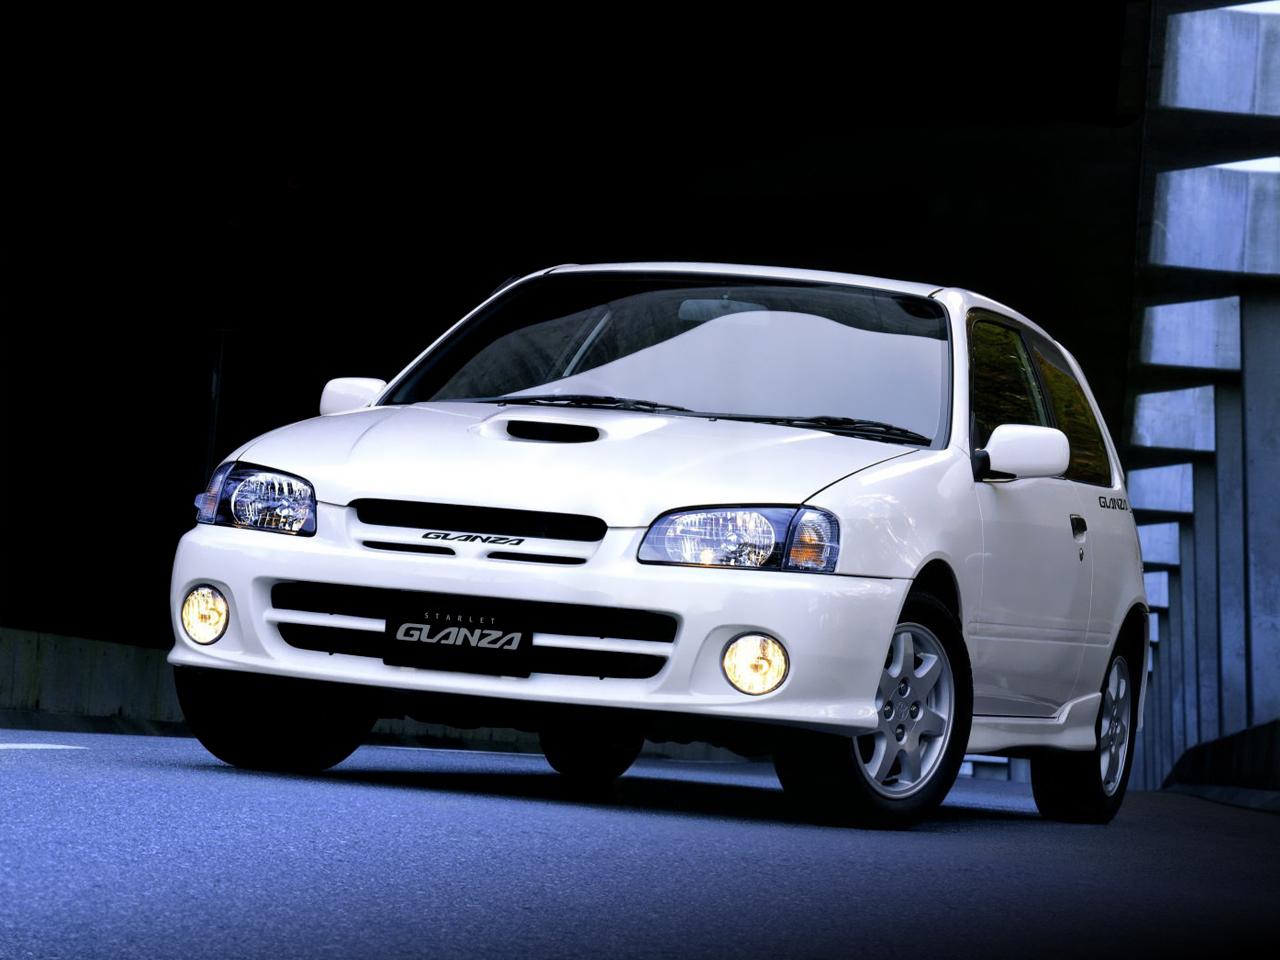 Toyota-Starlet-Glanza-V-P90-1.jpg